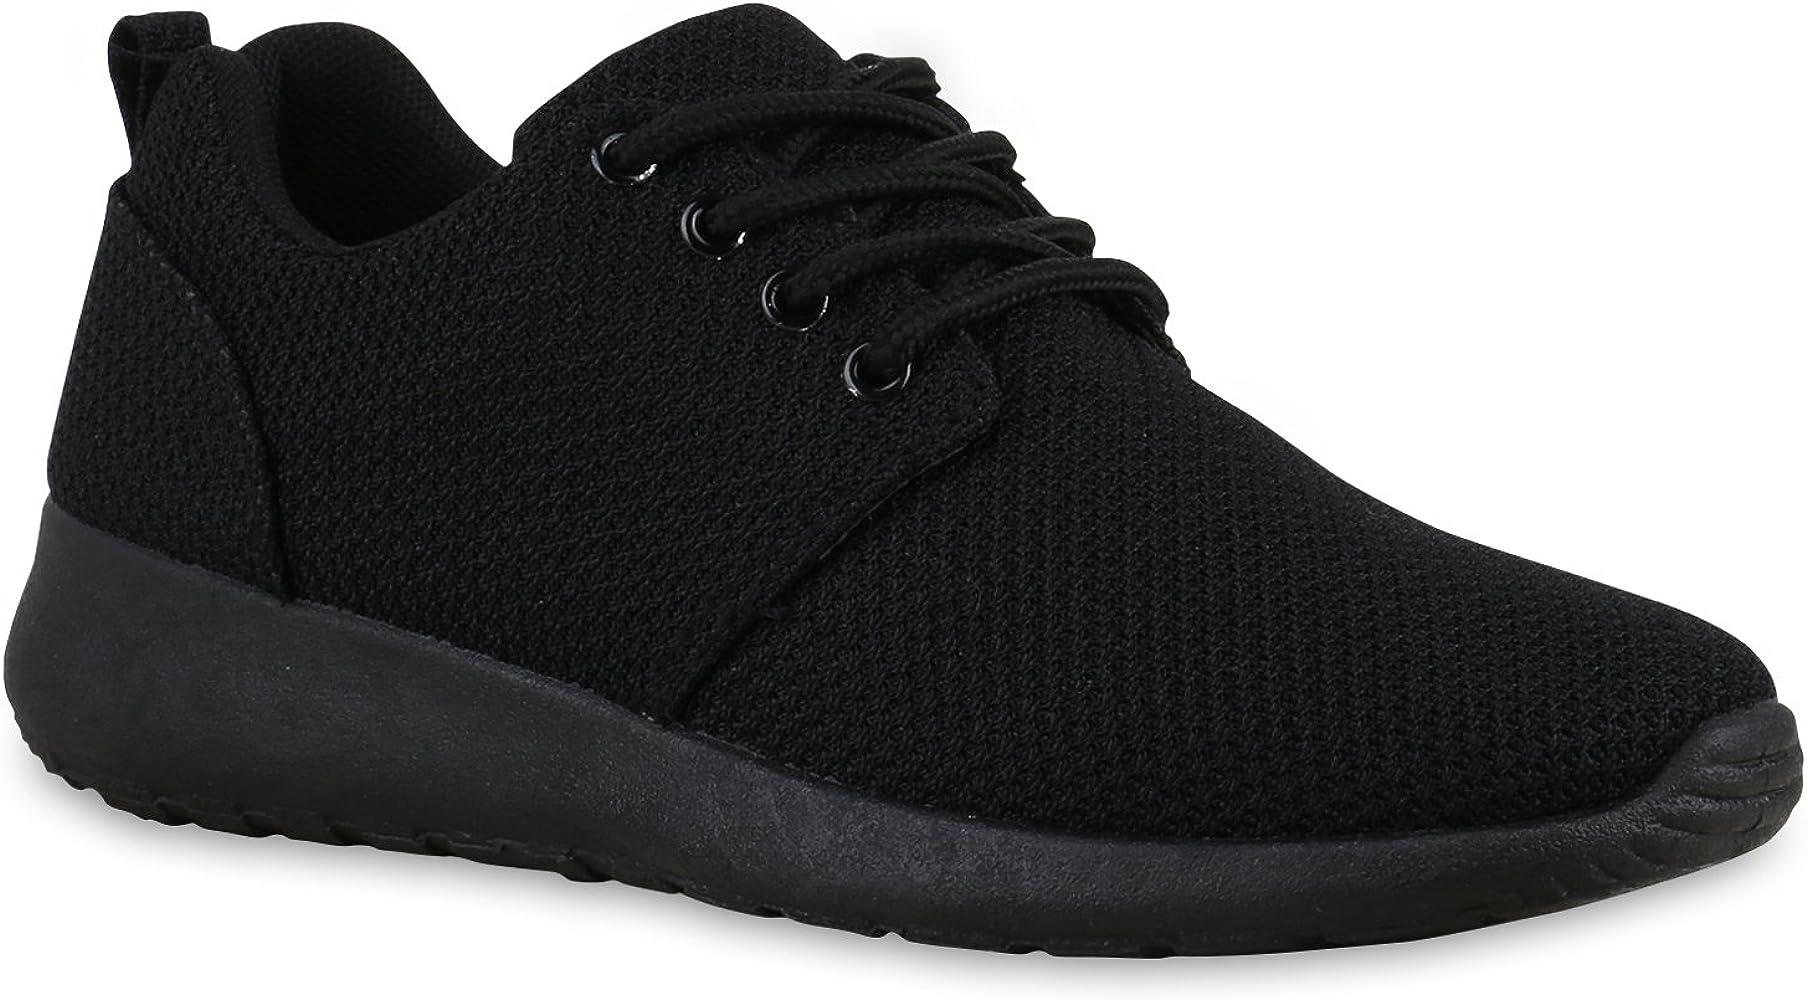 Stiefelparadies Mujer Zapatilla de Deportes Zapatilla de Footing Suela Dentada 132202 Negro 36 Flandell: Amazon.es: Zapatos y complementos